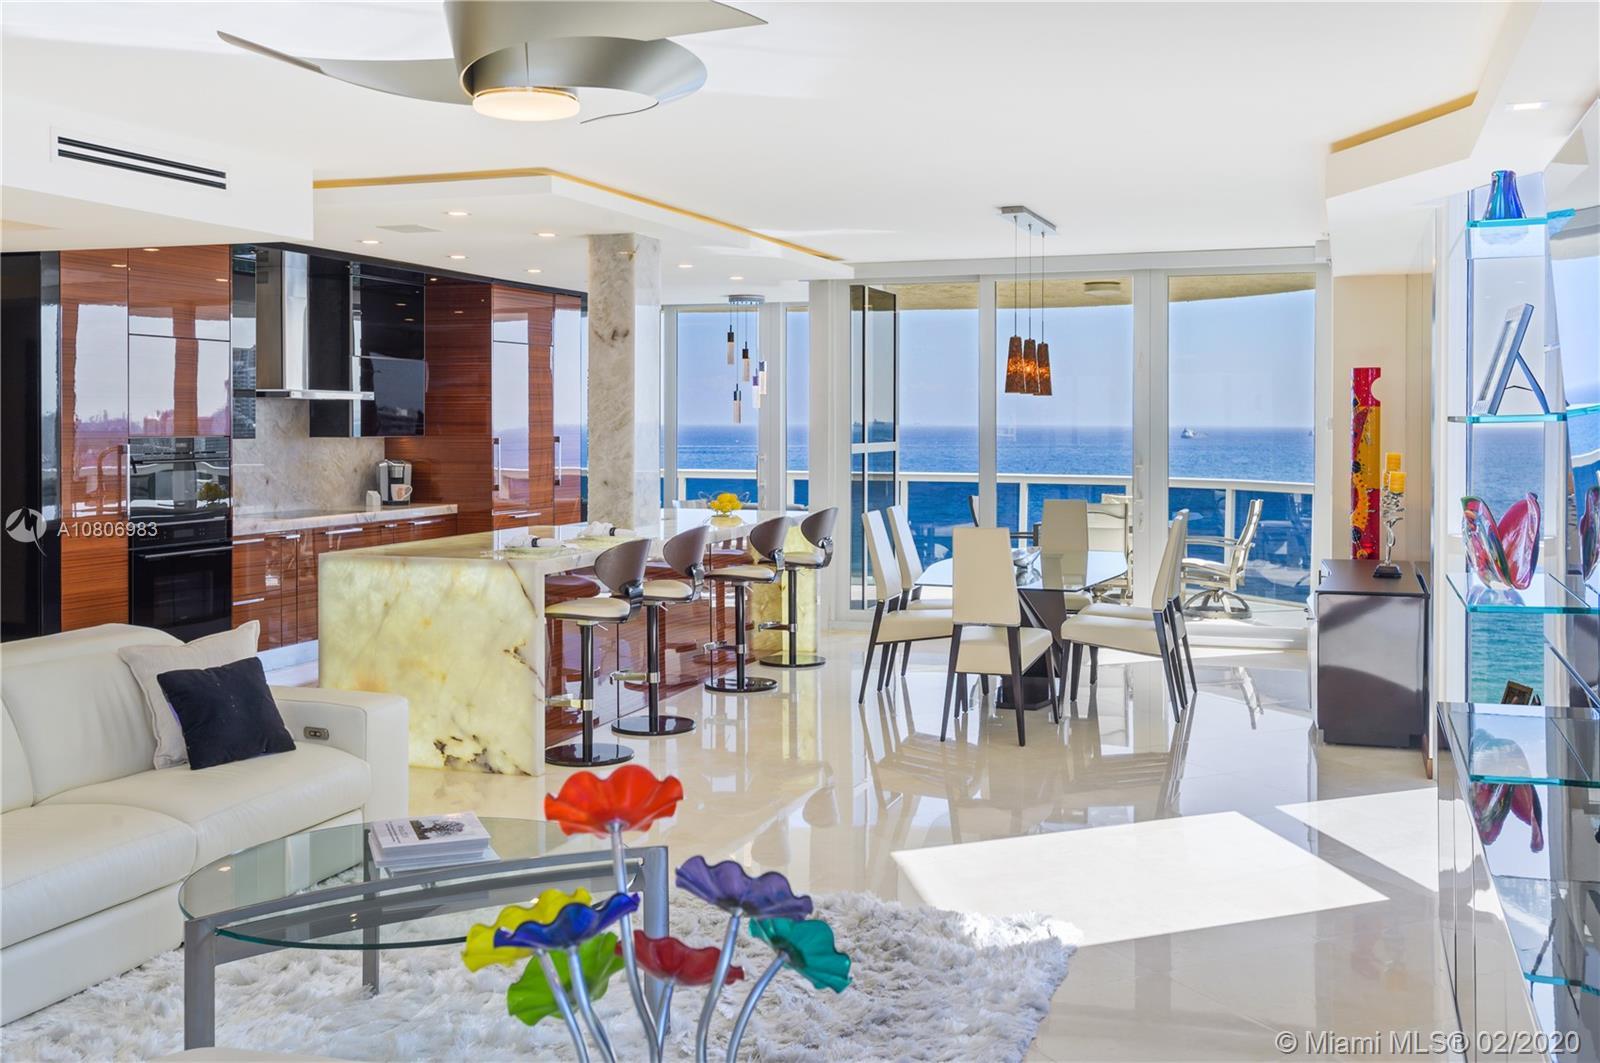 3200 N Ocean Blvd #1708, Fort Lauderdale, FL 33308 - Fort Lauderdale, FL real estate listing